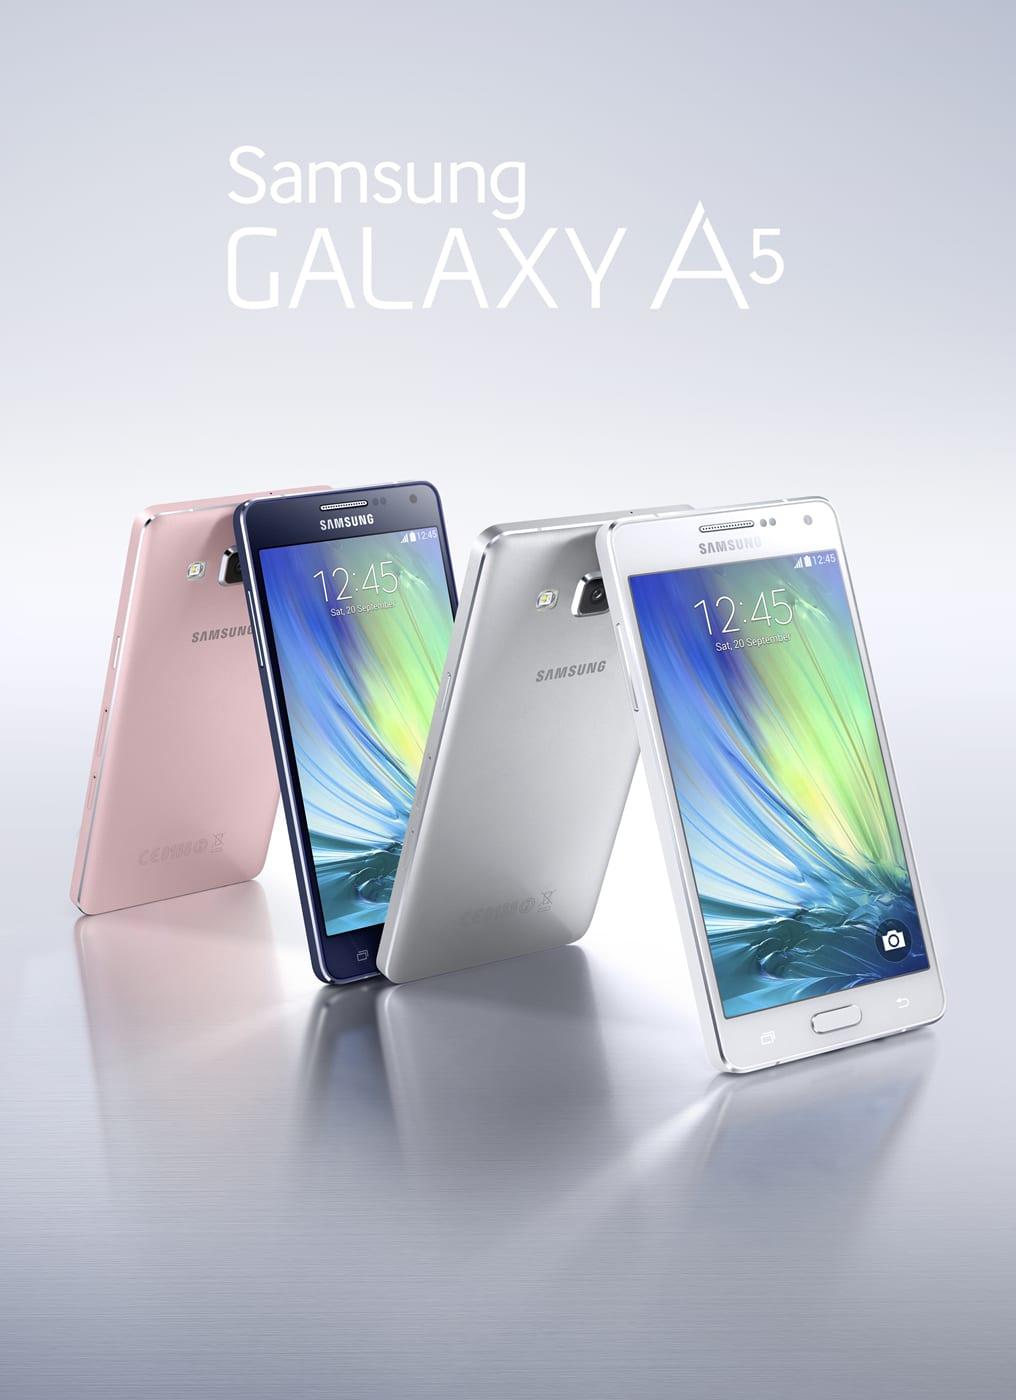 Samssung Galaxy A5